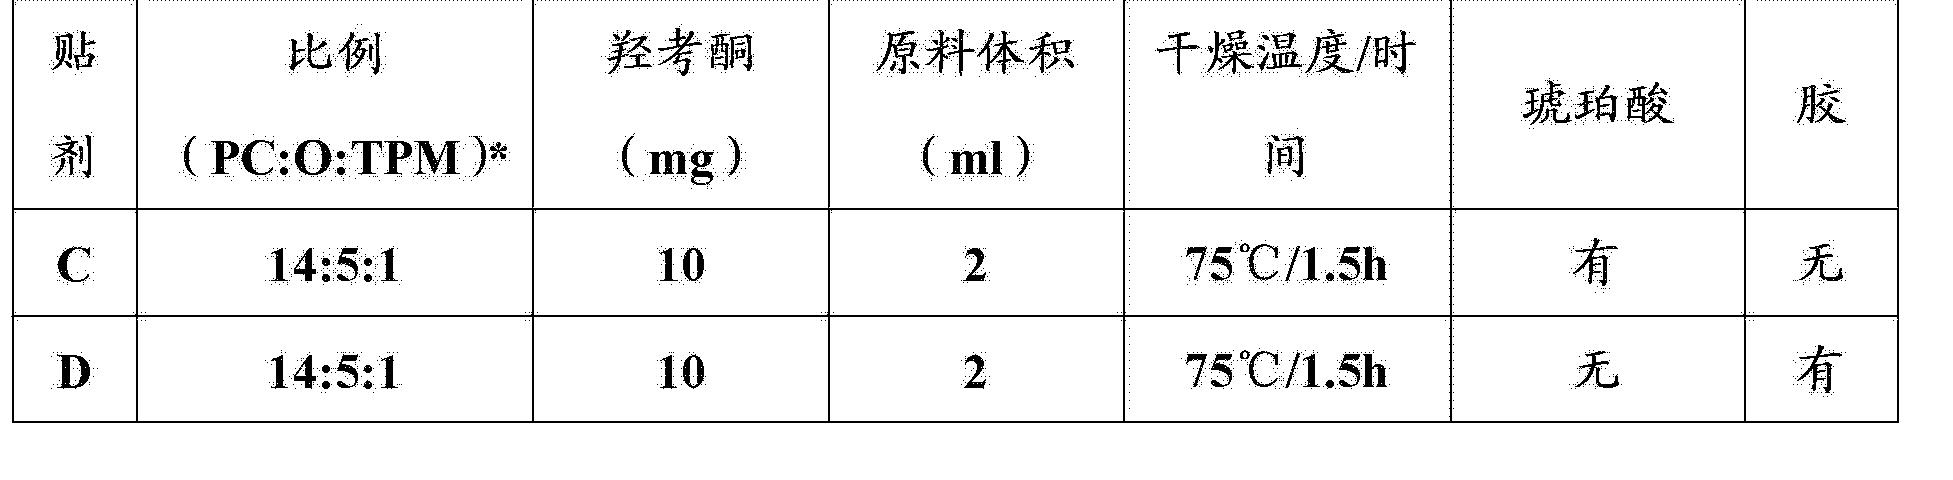 Figure CN102821791BD00243